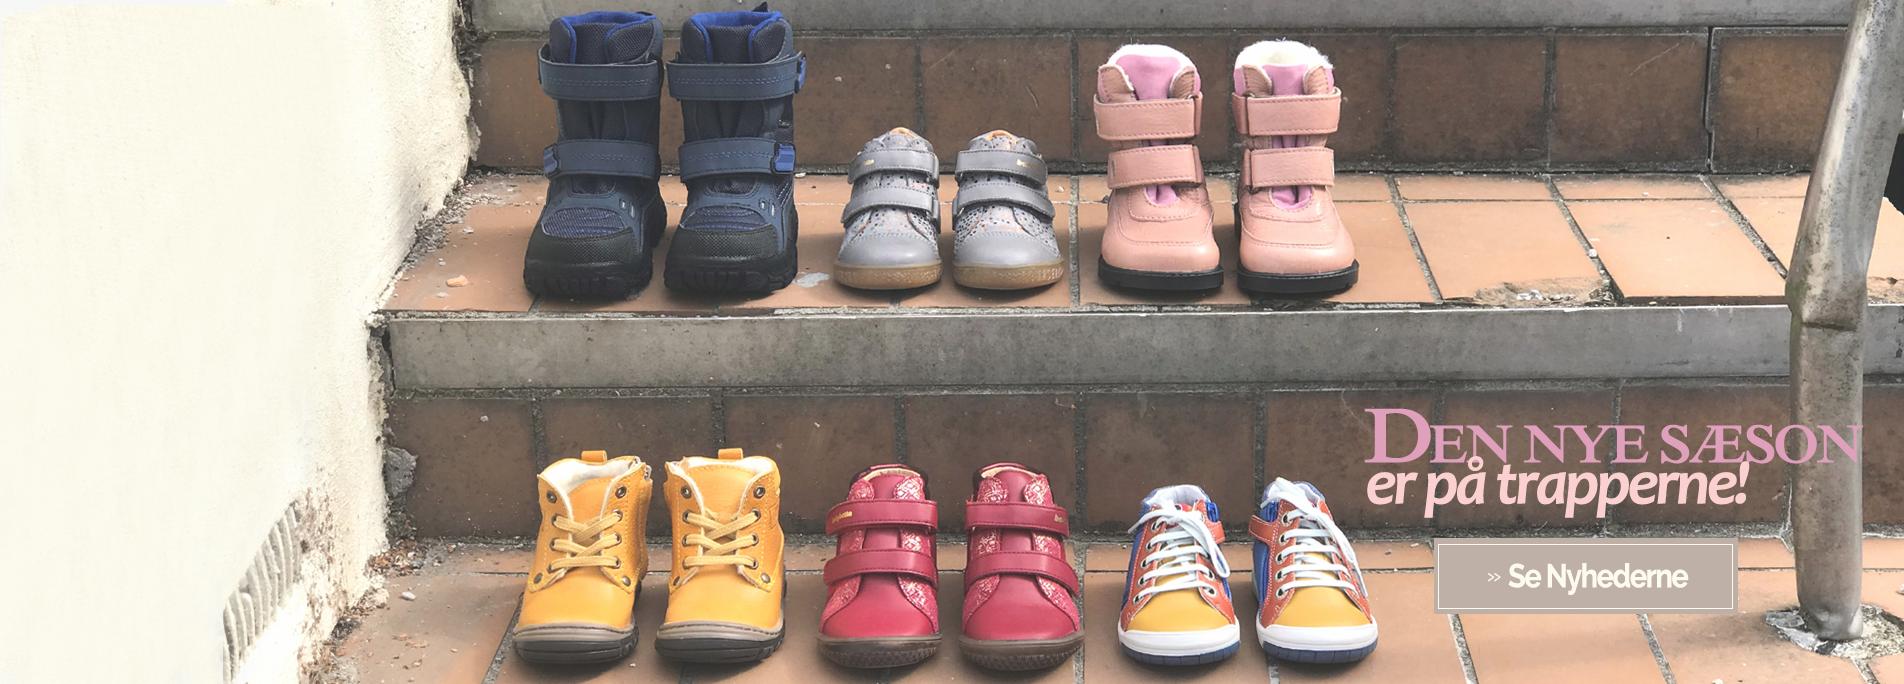 NETSKO Sko til kvinder og børn stort udvalg af sko